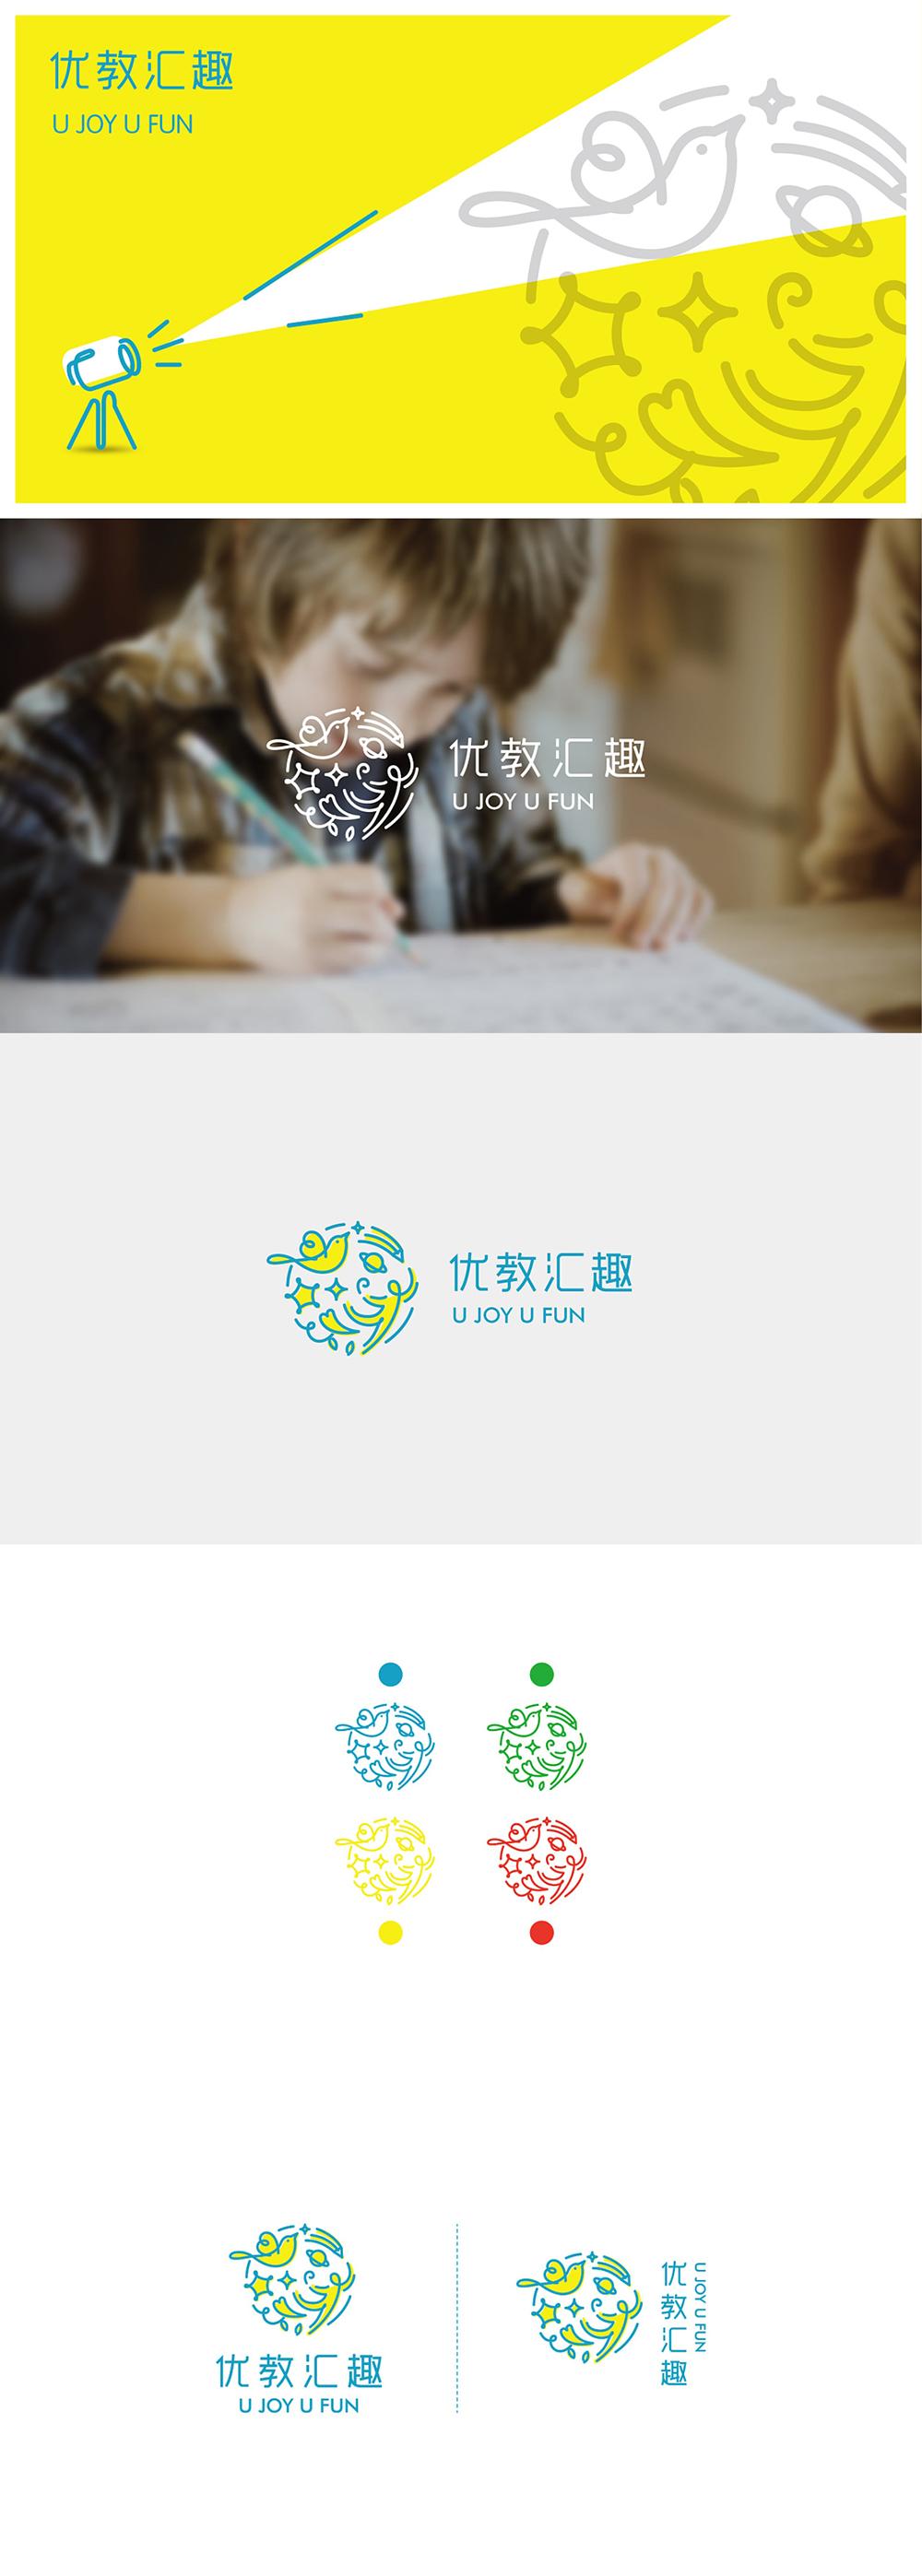 教育行业VIS设计,教育行业VIS设计公司